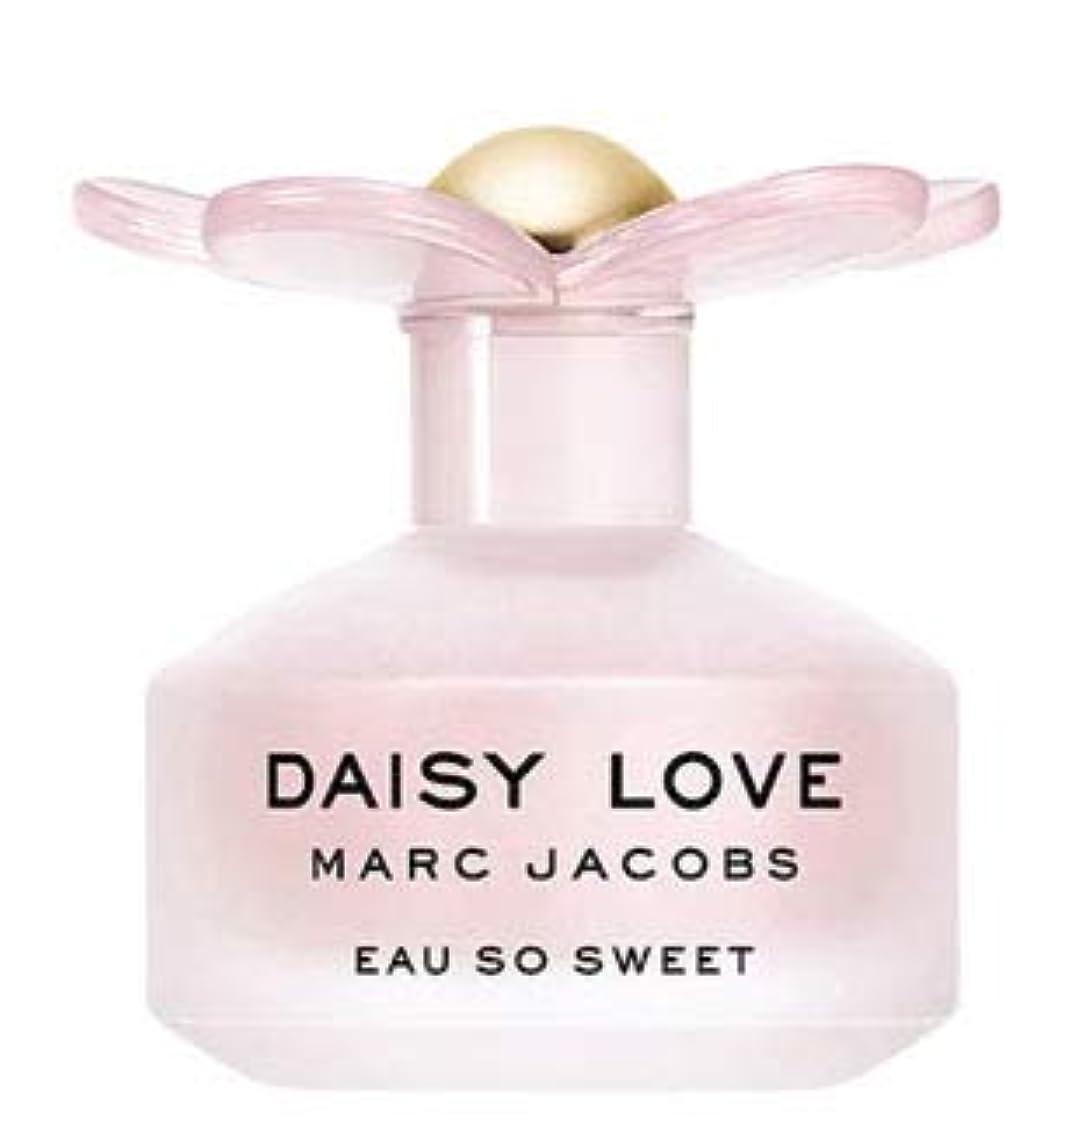 前述の静けさ上下するMARC JACOBS, Daisy Love Eau So Sweet - 5 mL [海外直送品] [並行輸入品]